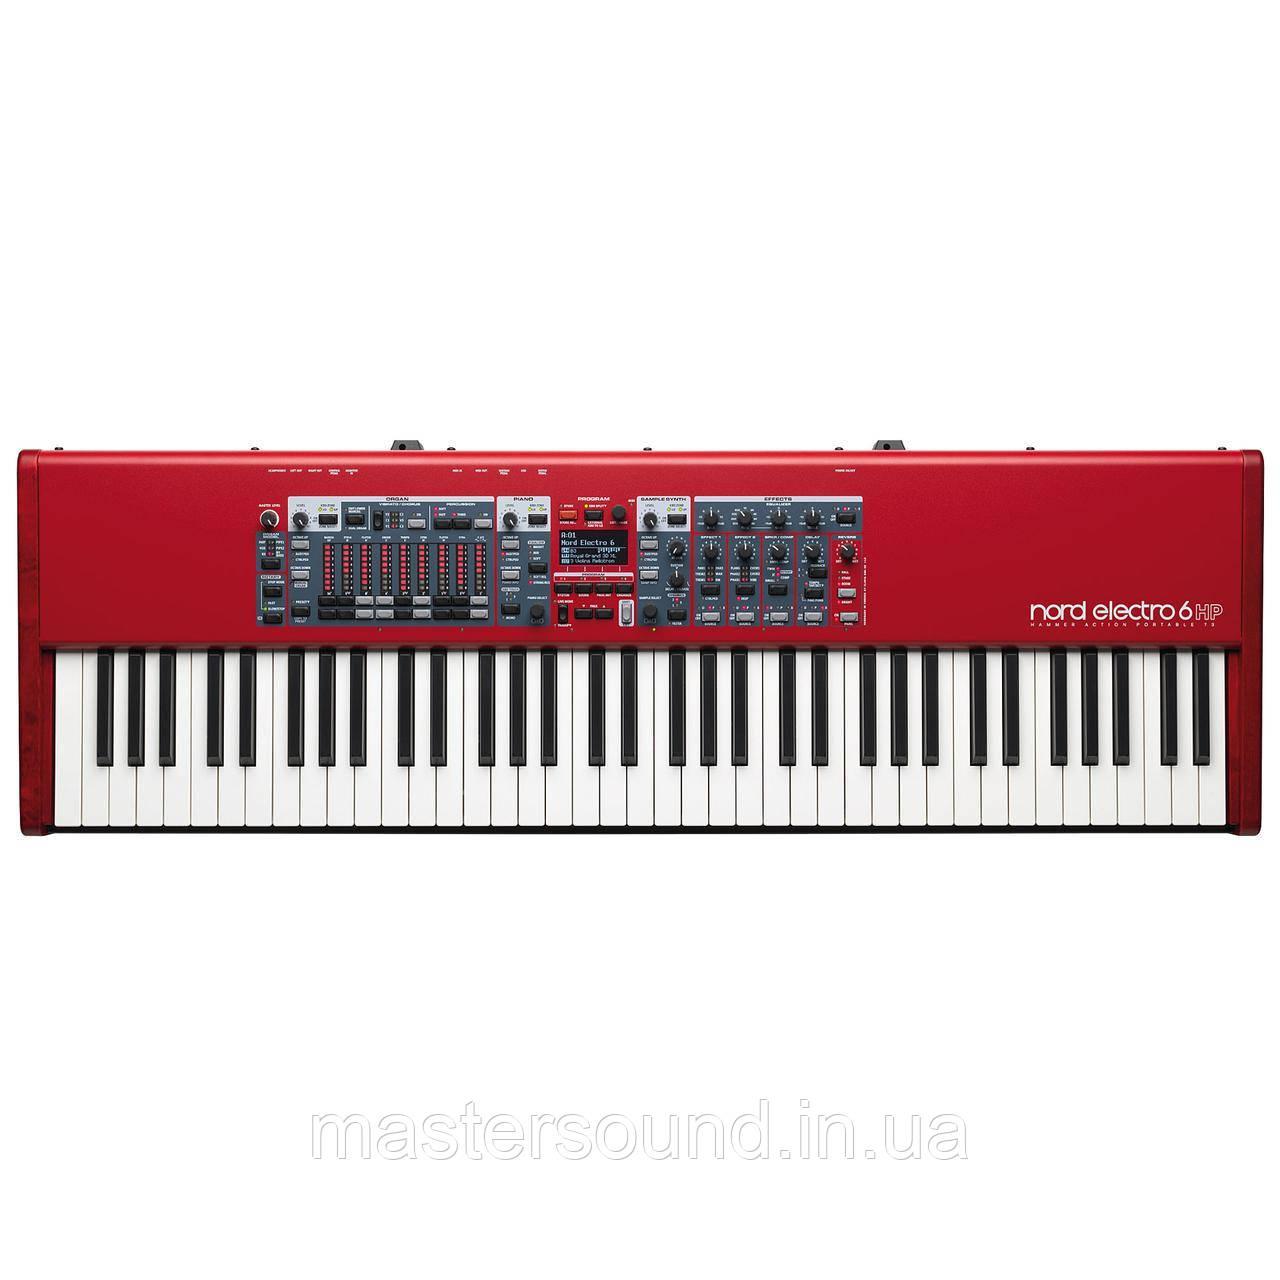 Сценический синтезатор Nord Electro 6 HP